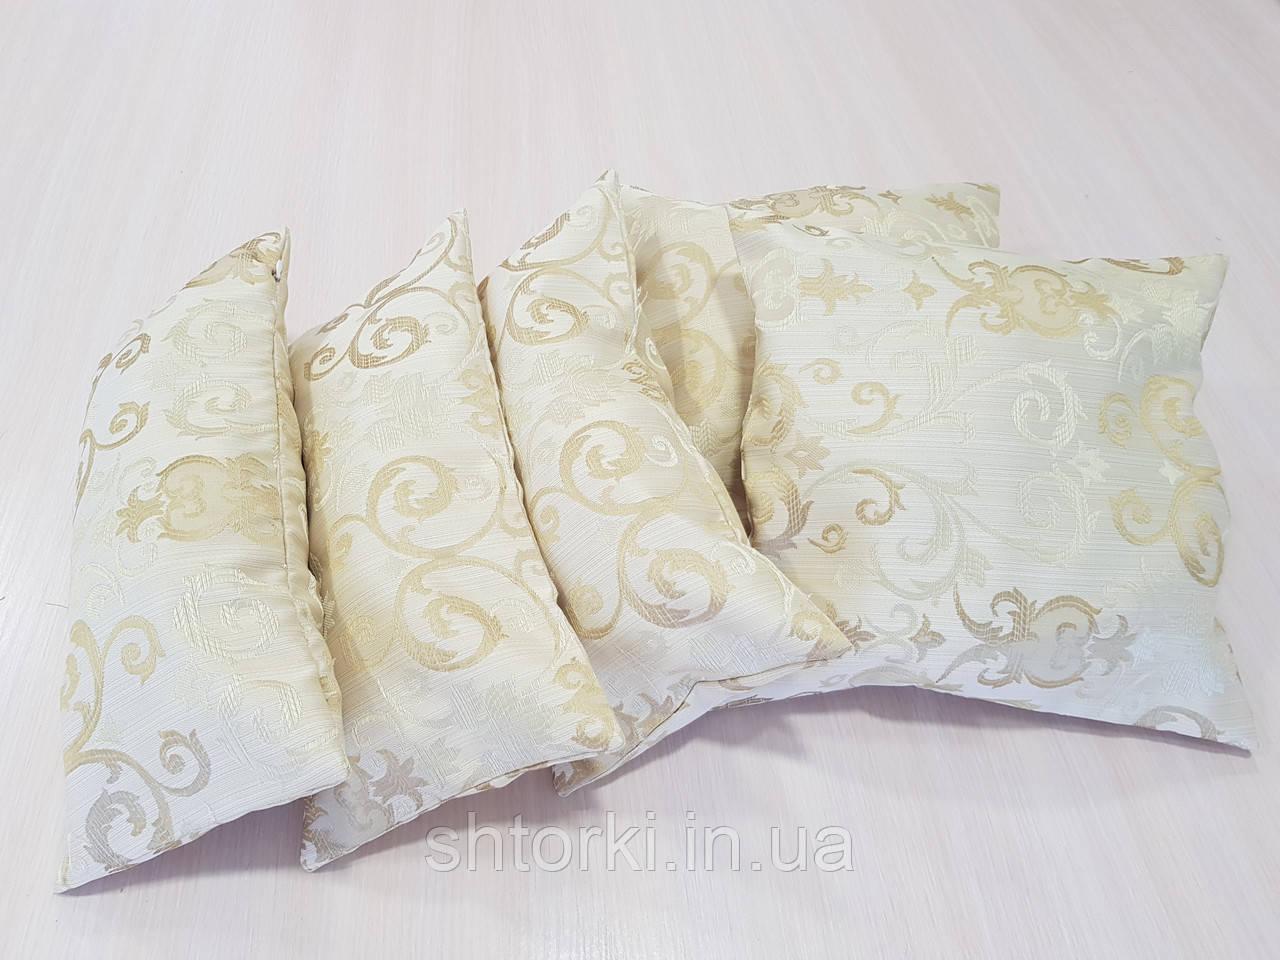 Комплект подушек NANCY соломенные, 5шт